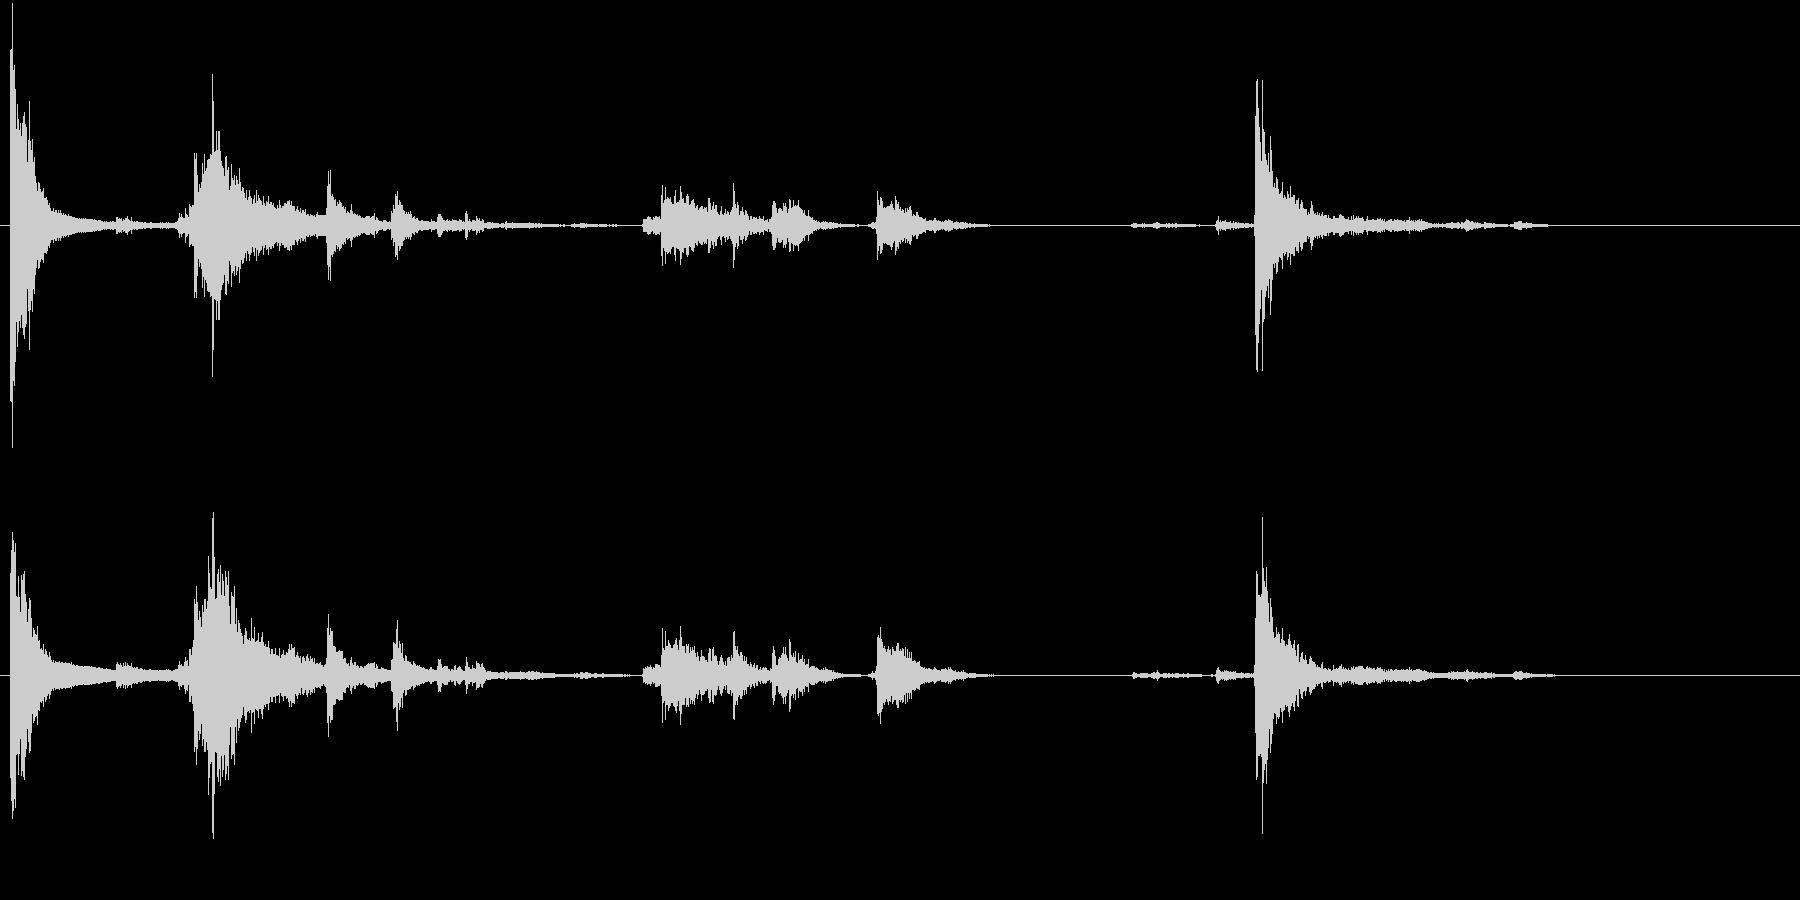 【生録音】お箸の音 33 まとめて片付けの未再生の波形